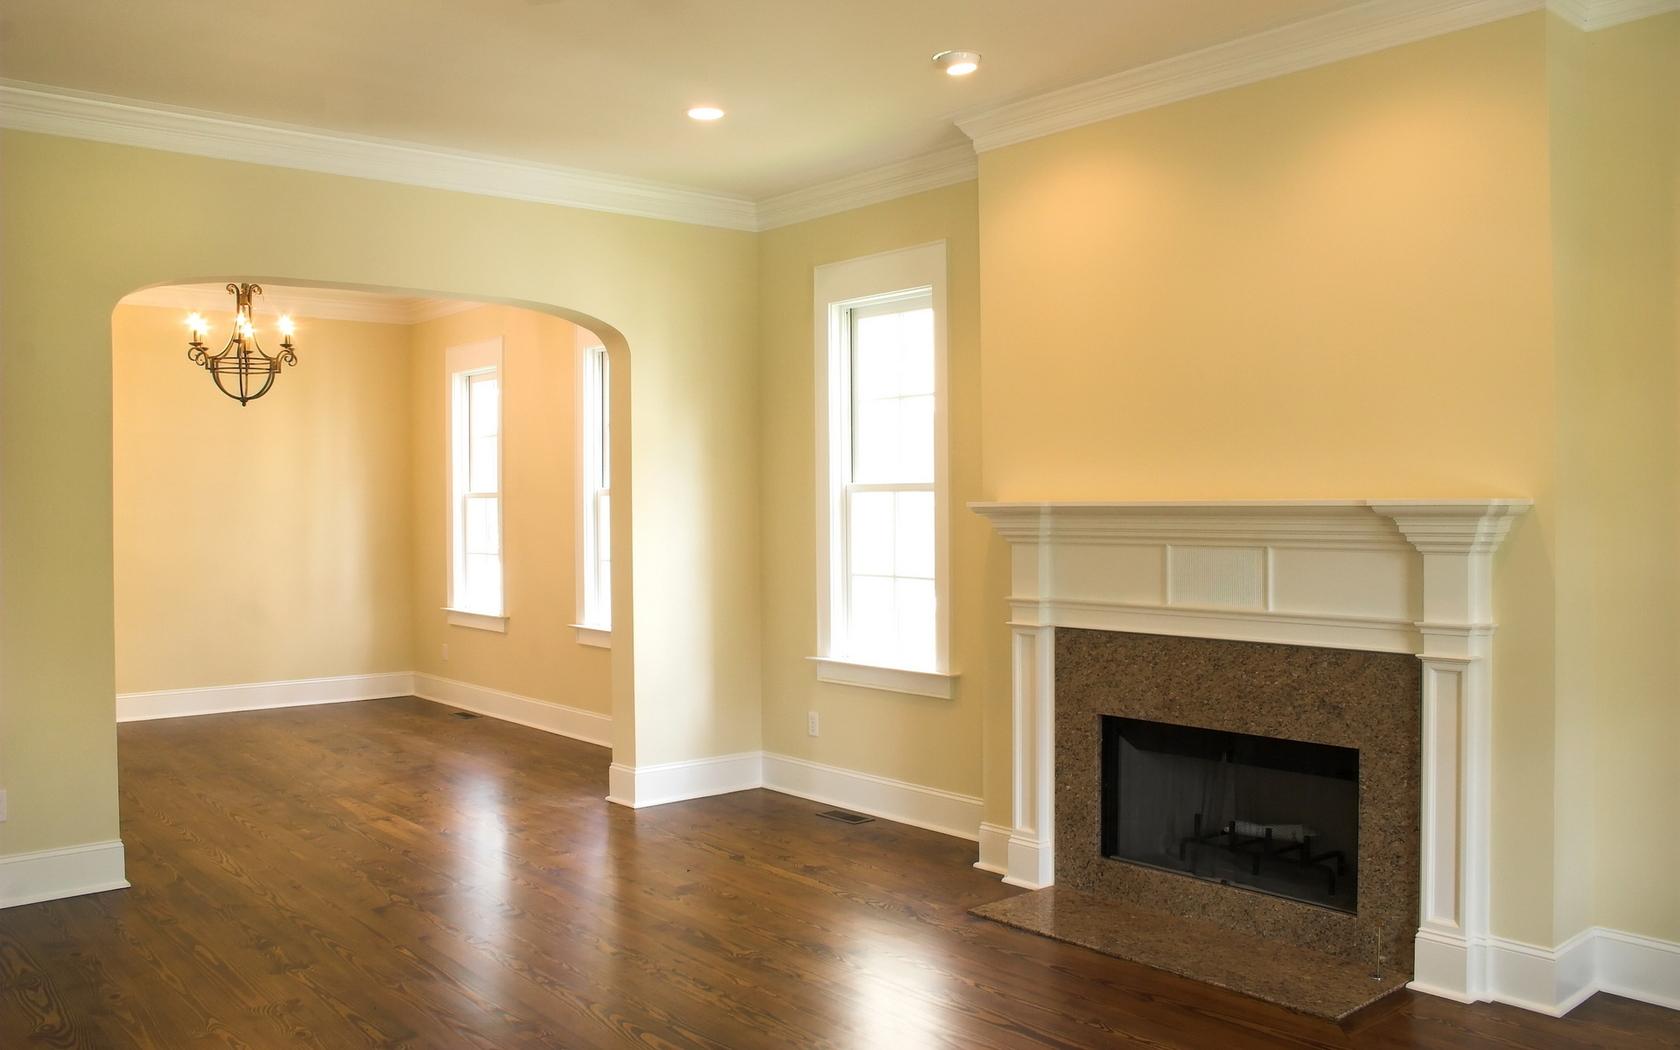 Wohnzimmergestaltung 3 jpg